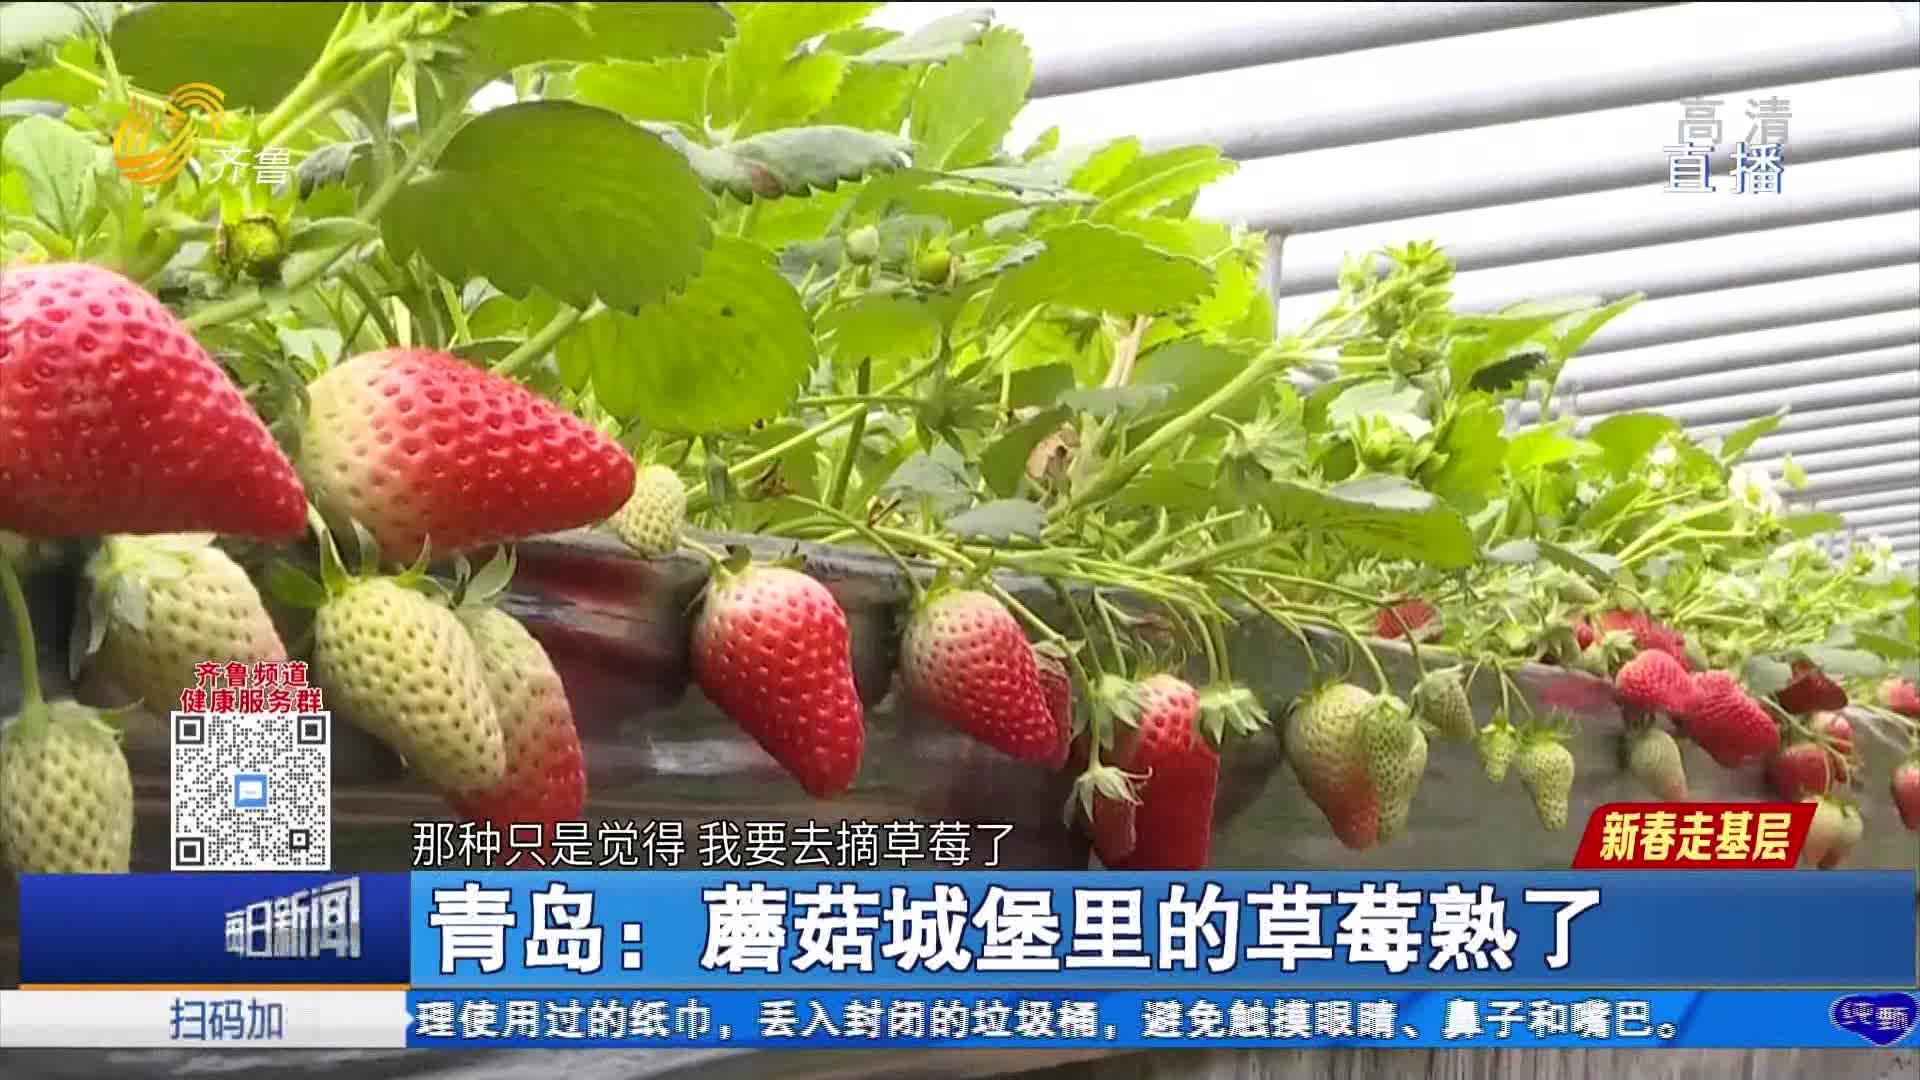 青岛:蘑菇城堡里的草莓熟了